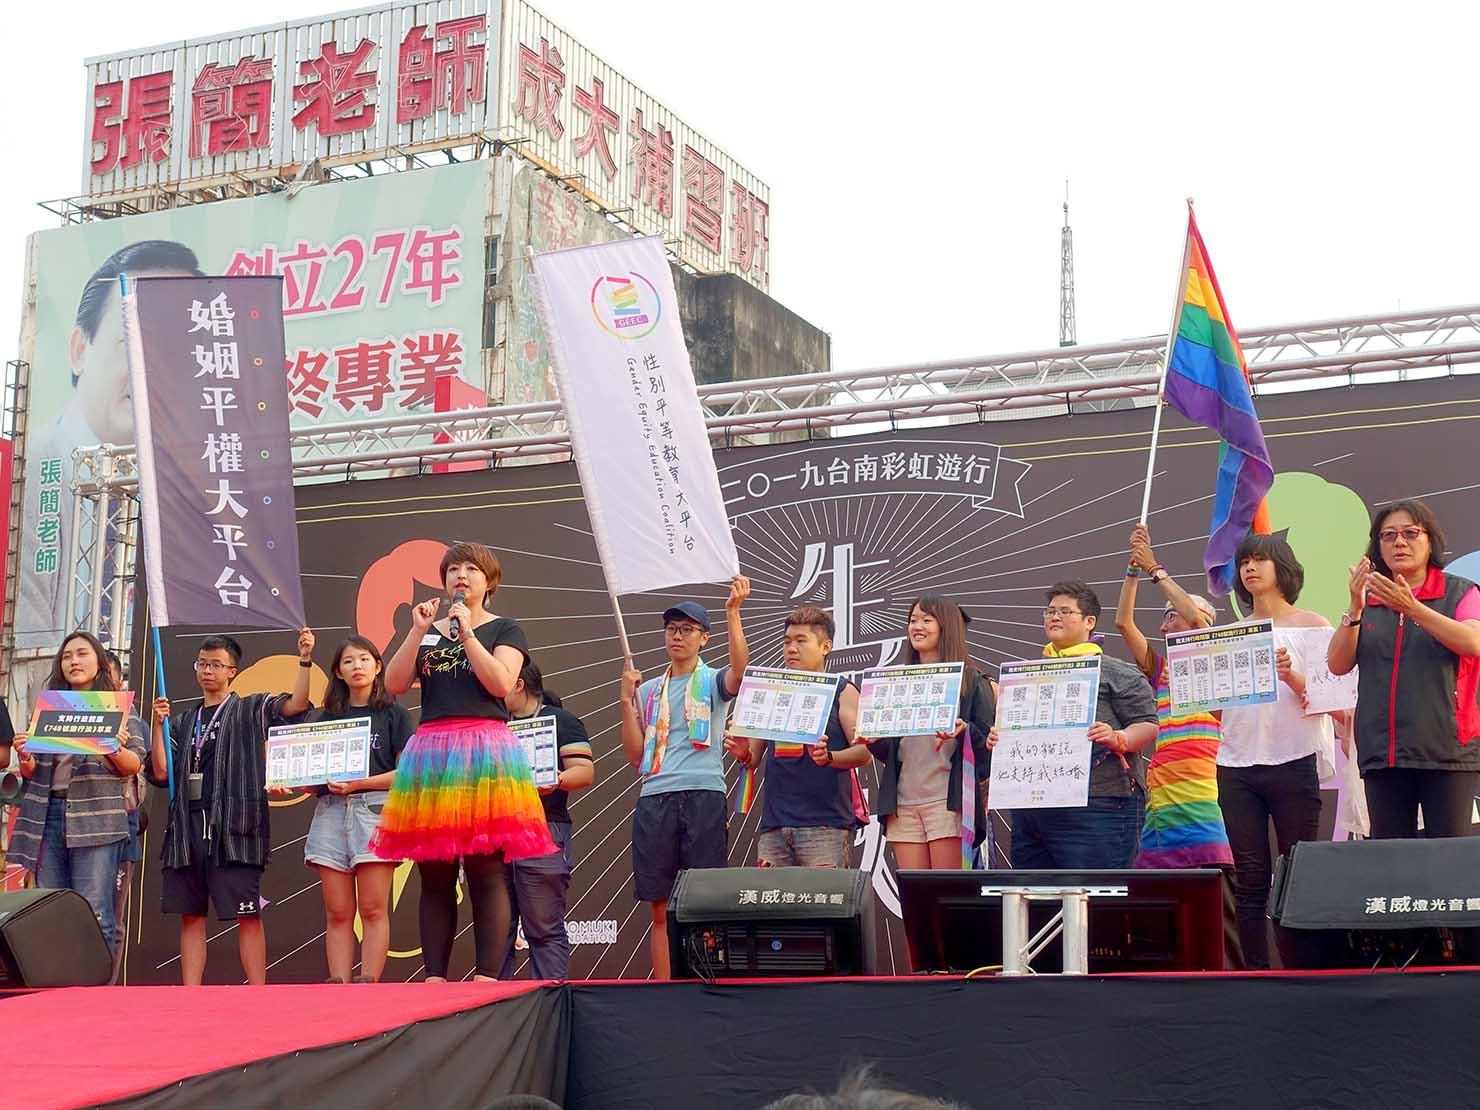 台南彩虹遊行(台南レインボーパレード)2019の会場ステージでスピーチする婚姻平權大平台の呂欣潔氏